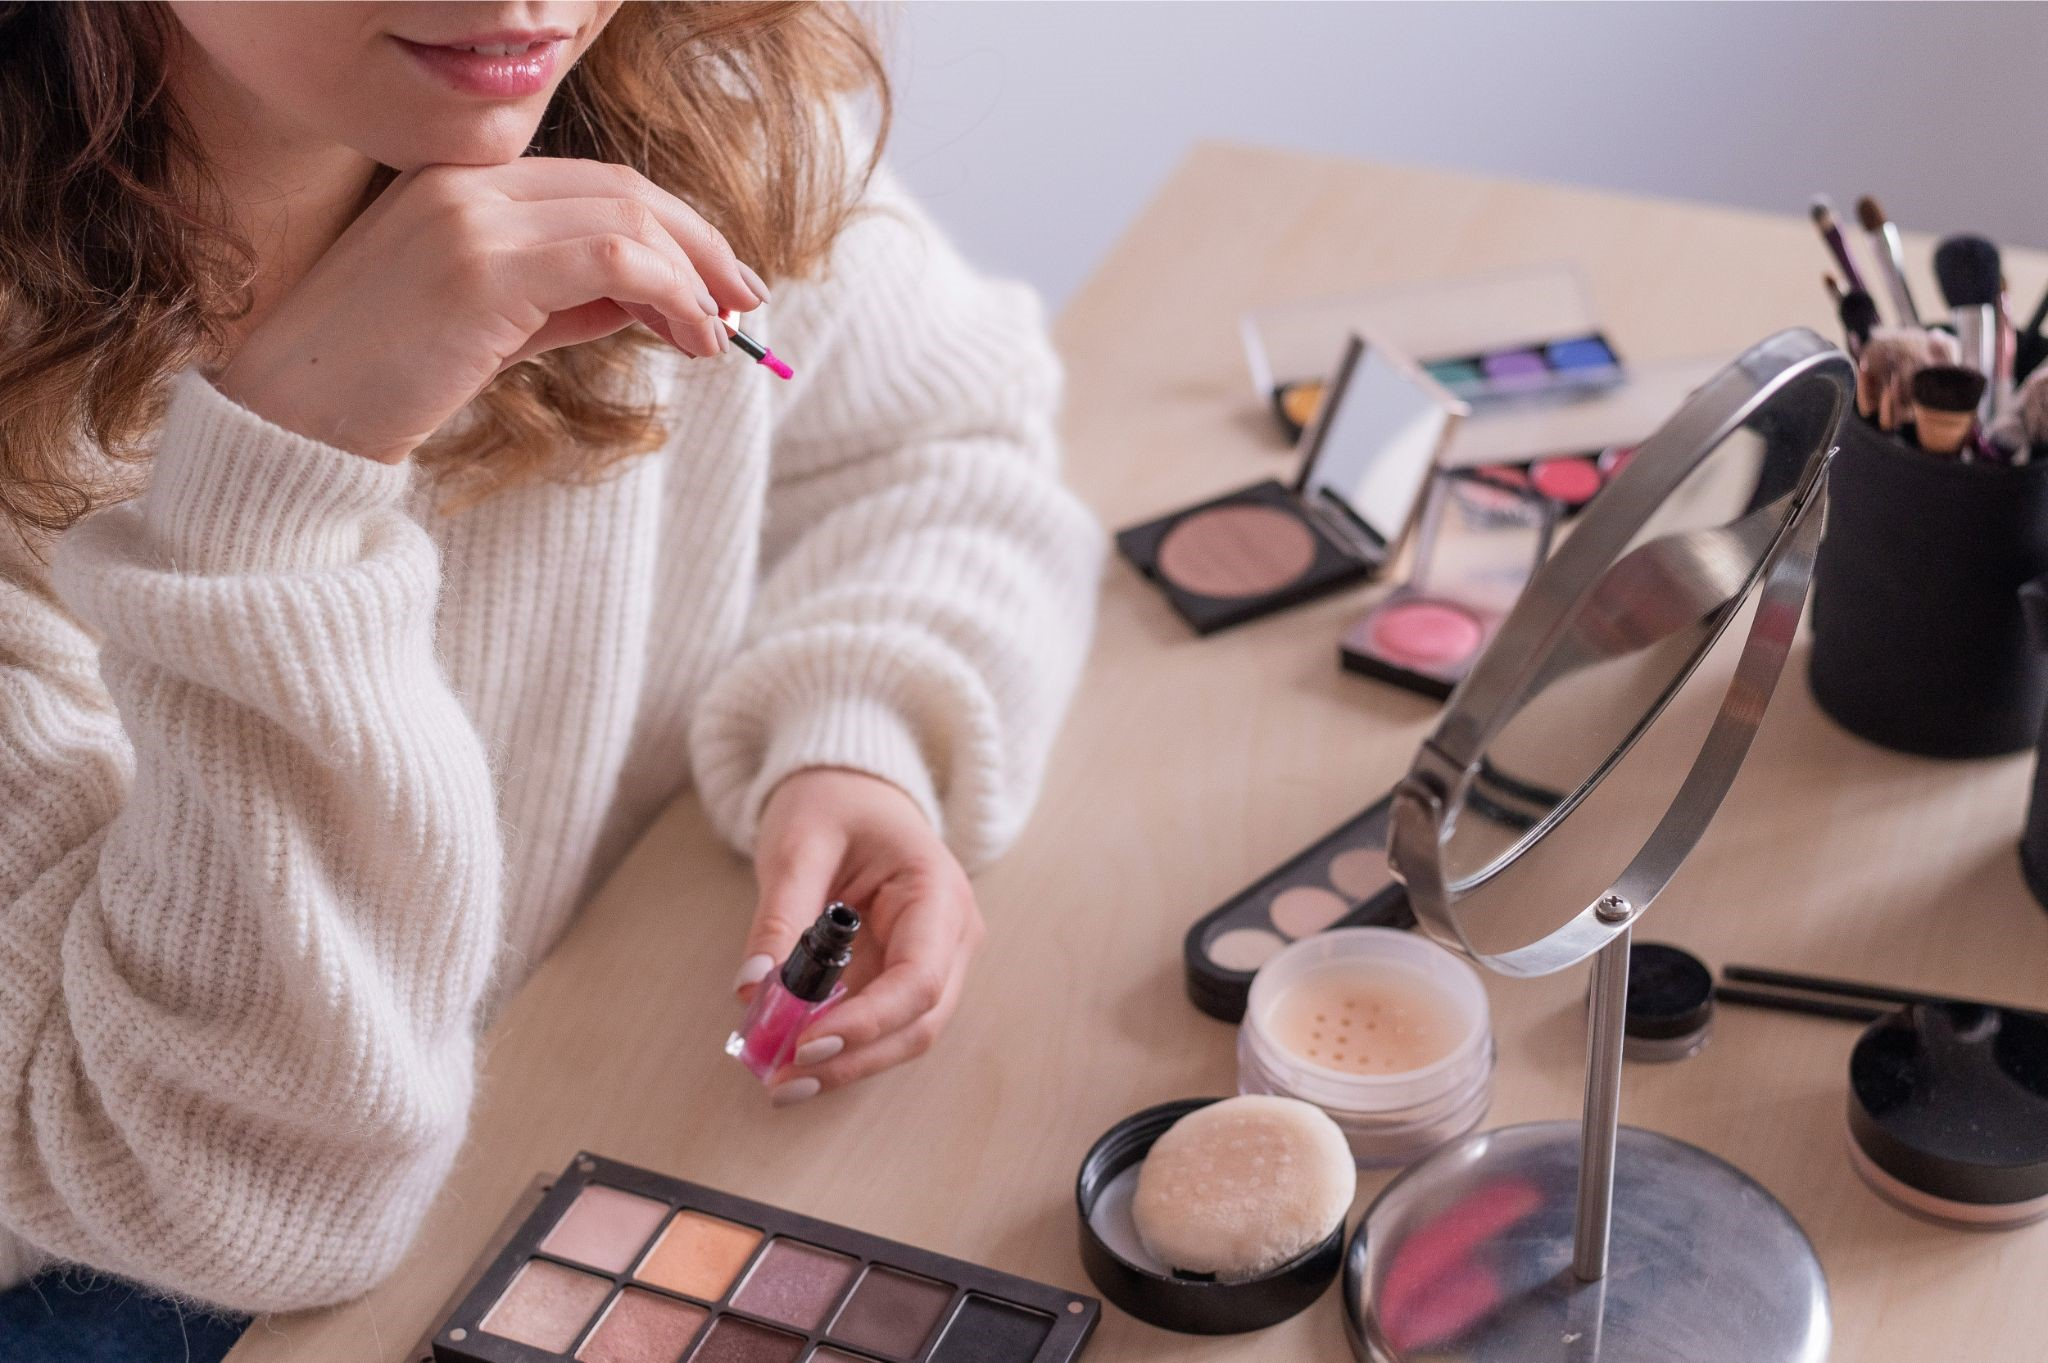 美容部員で勉強すること、覚えたい知識や勉強方法について